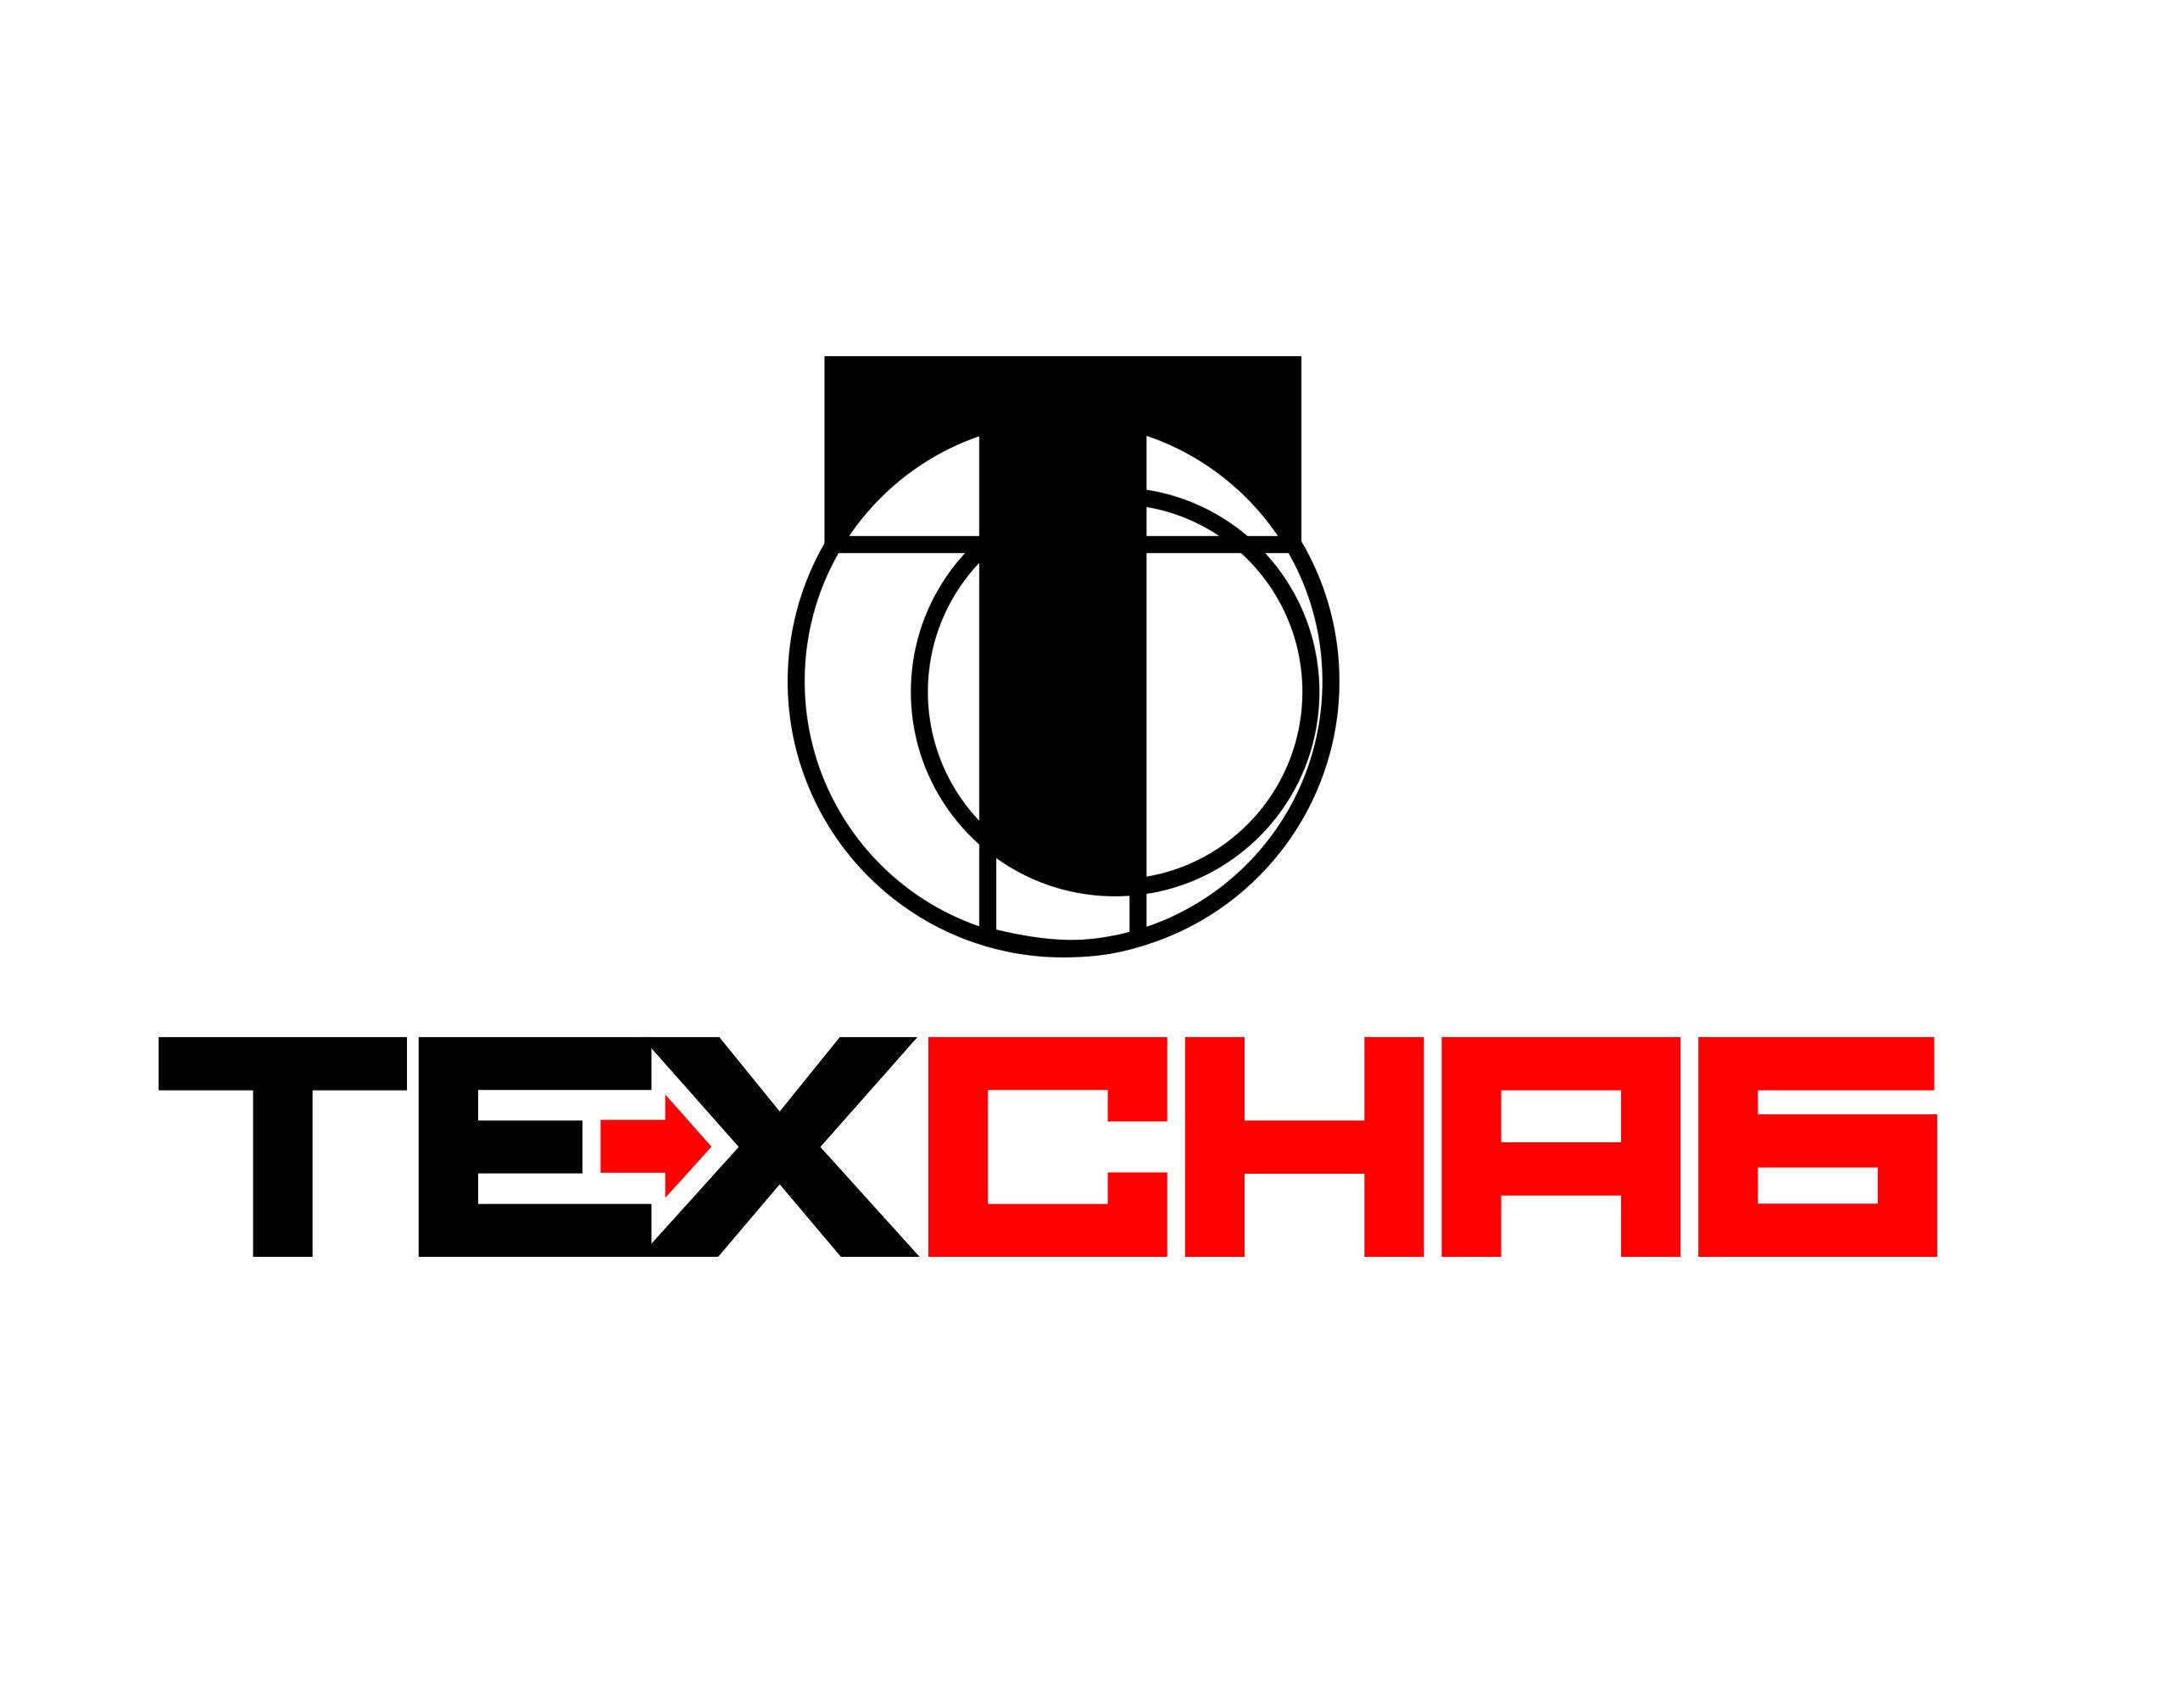 Разработка логотипа и фирм. стиля компании  ТЕХСНАБ фото f_8215b1b94bb8a435.jpg